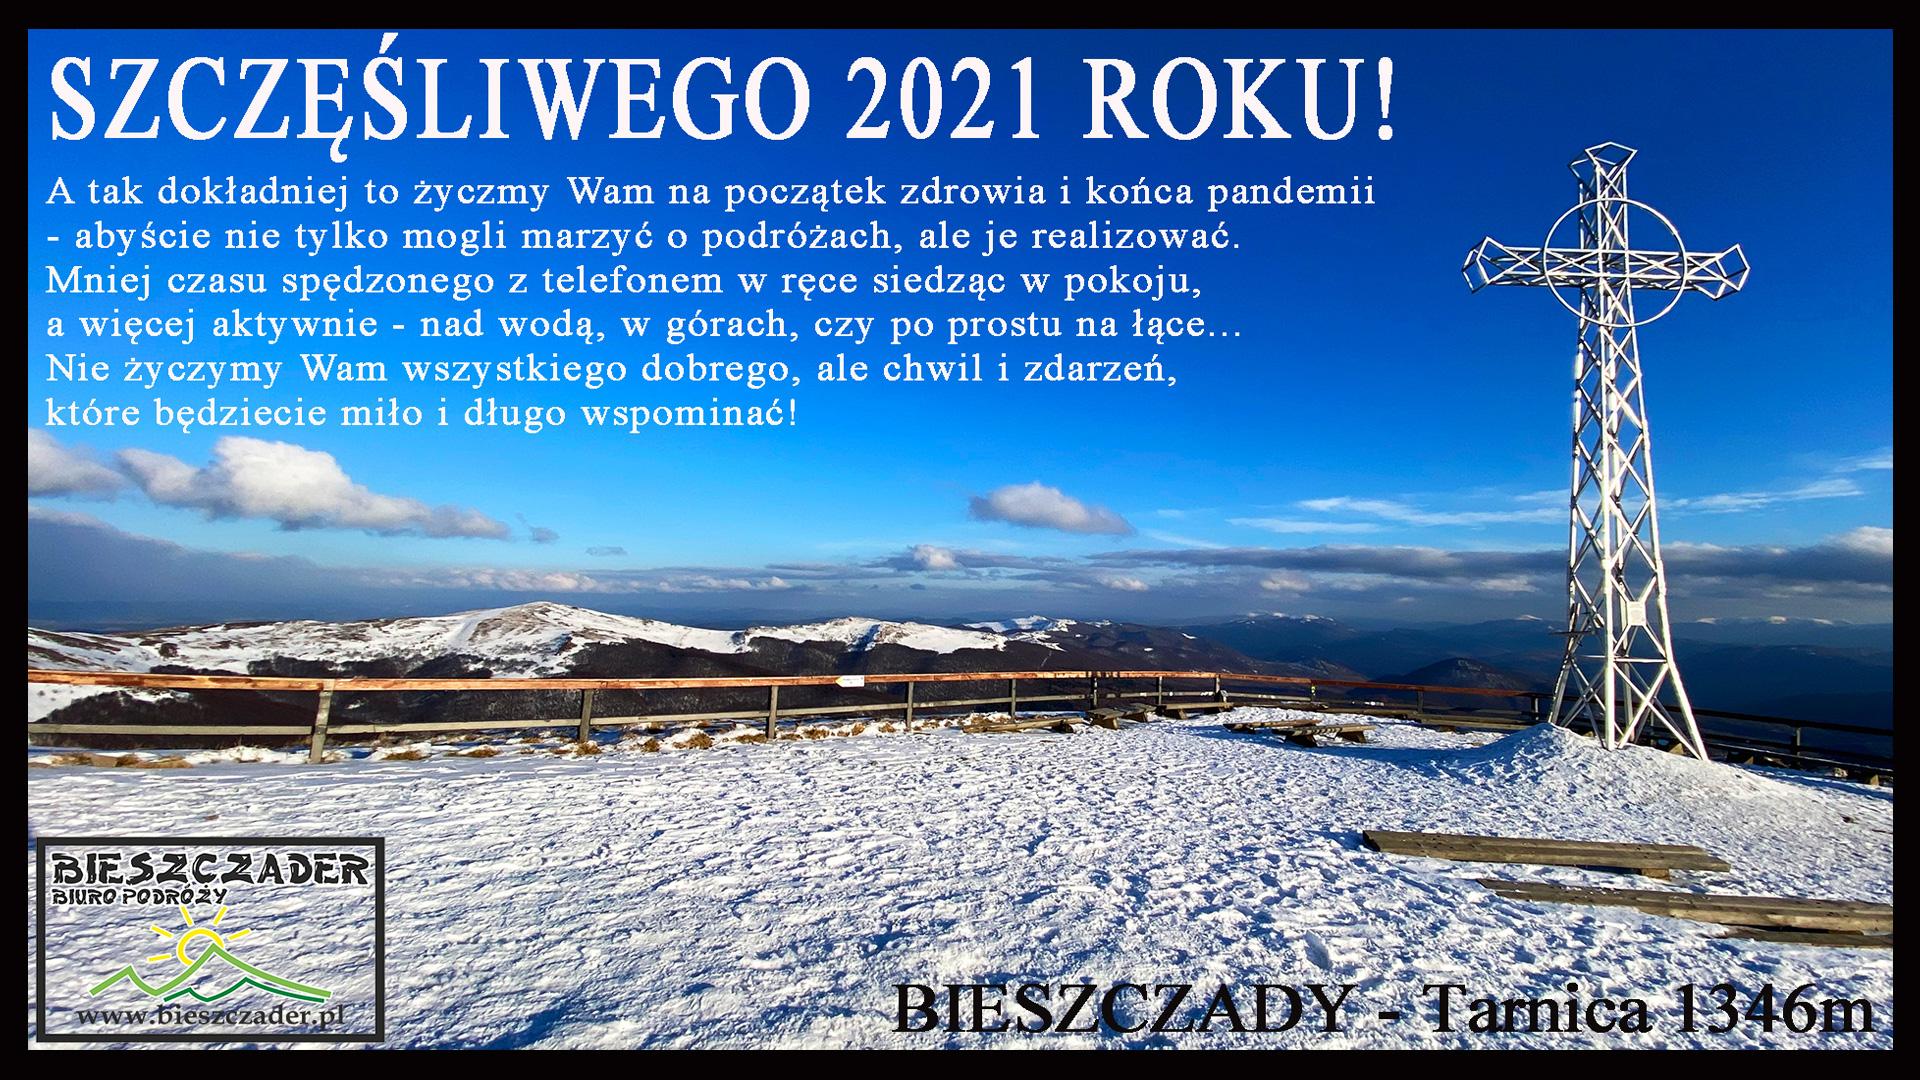 Życzenia od Załogi Biura Podróży Bieszczader na 2021 rok dla klientów biura, miłośników Bieszczad i innych nam życzliwych ;-)